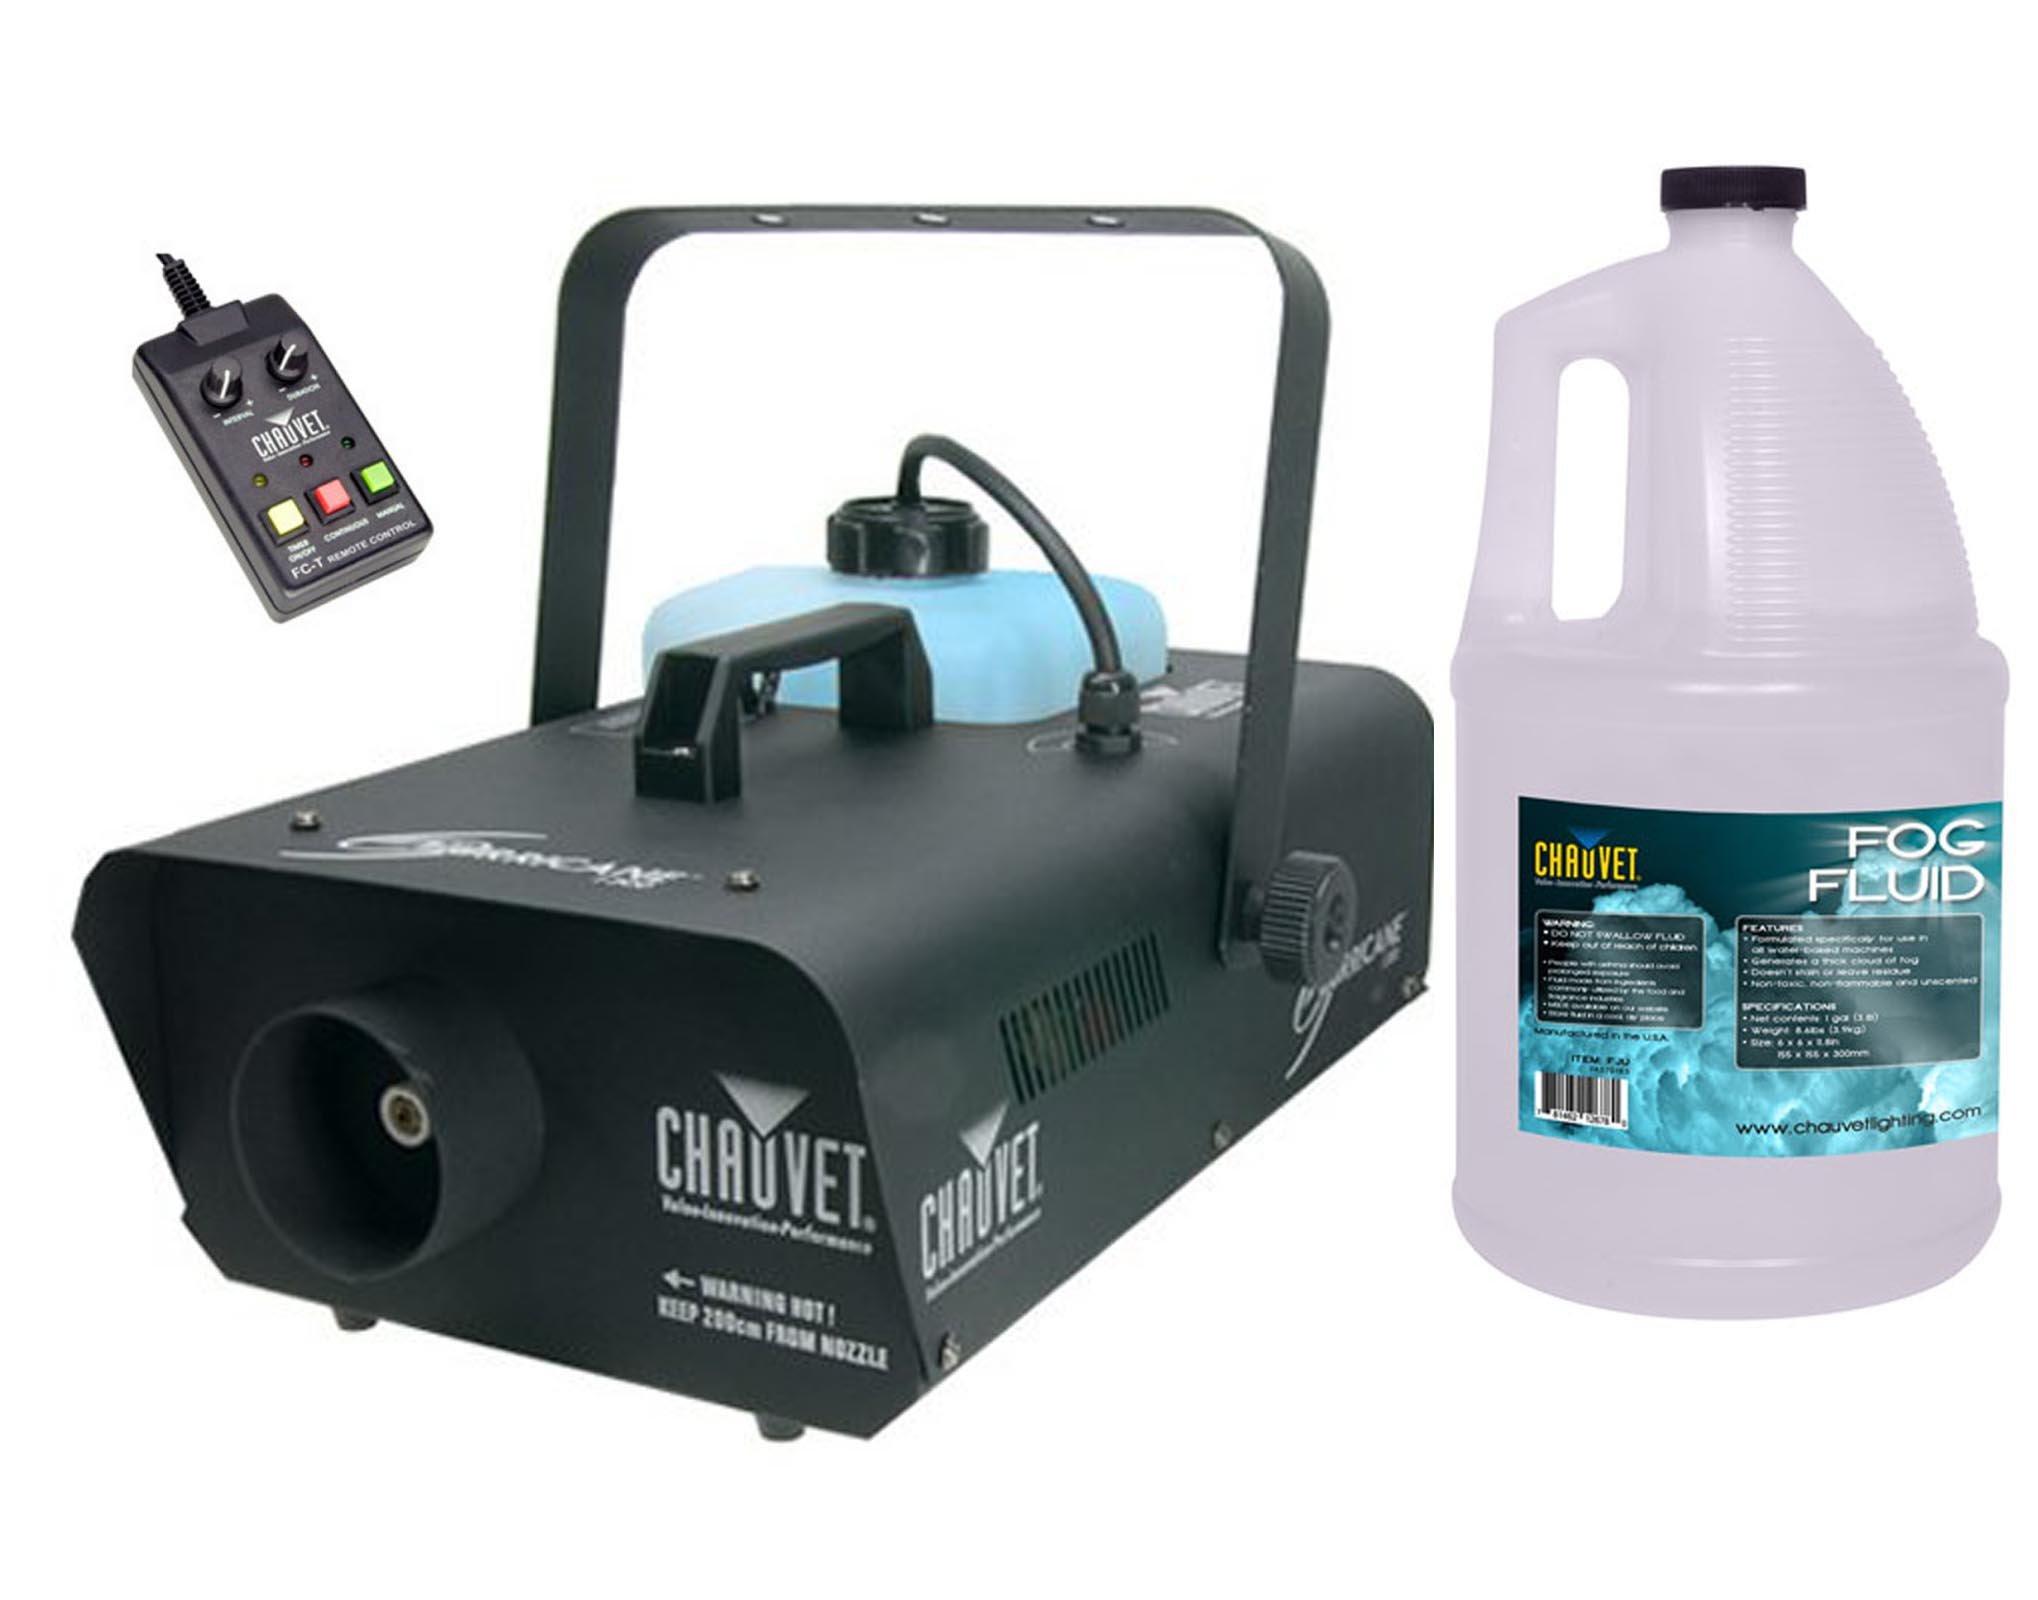 NEW! CHAUVET HURRICANE H1300 Pro DJ Smoke Fog Machine w/ FC-T Remote + FJU Fluid